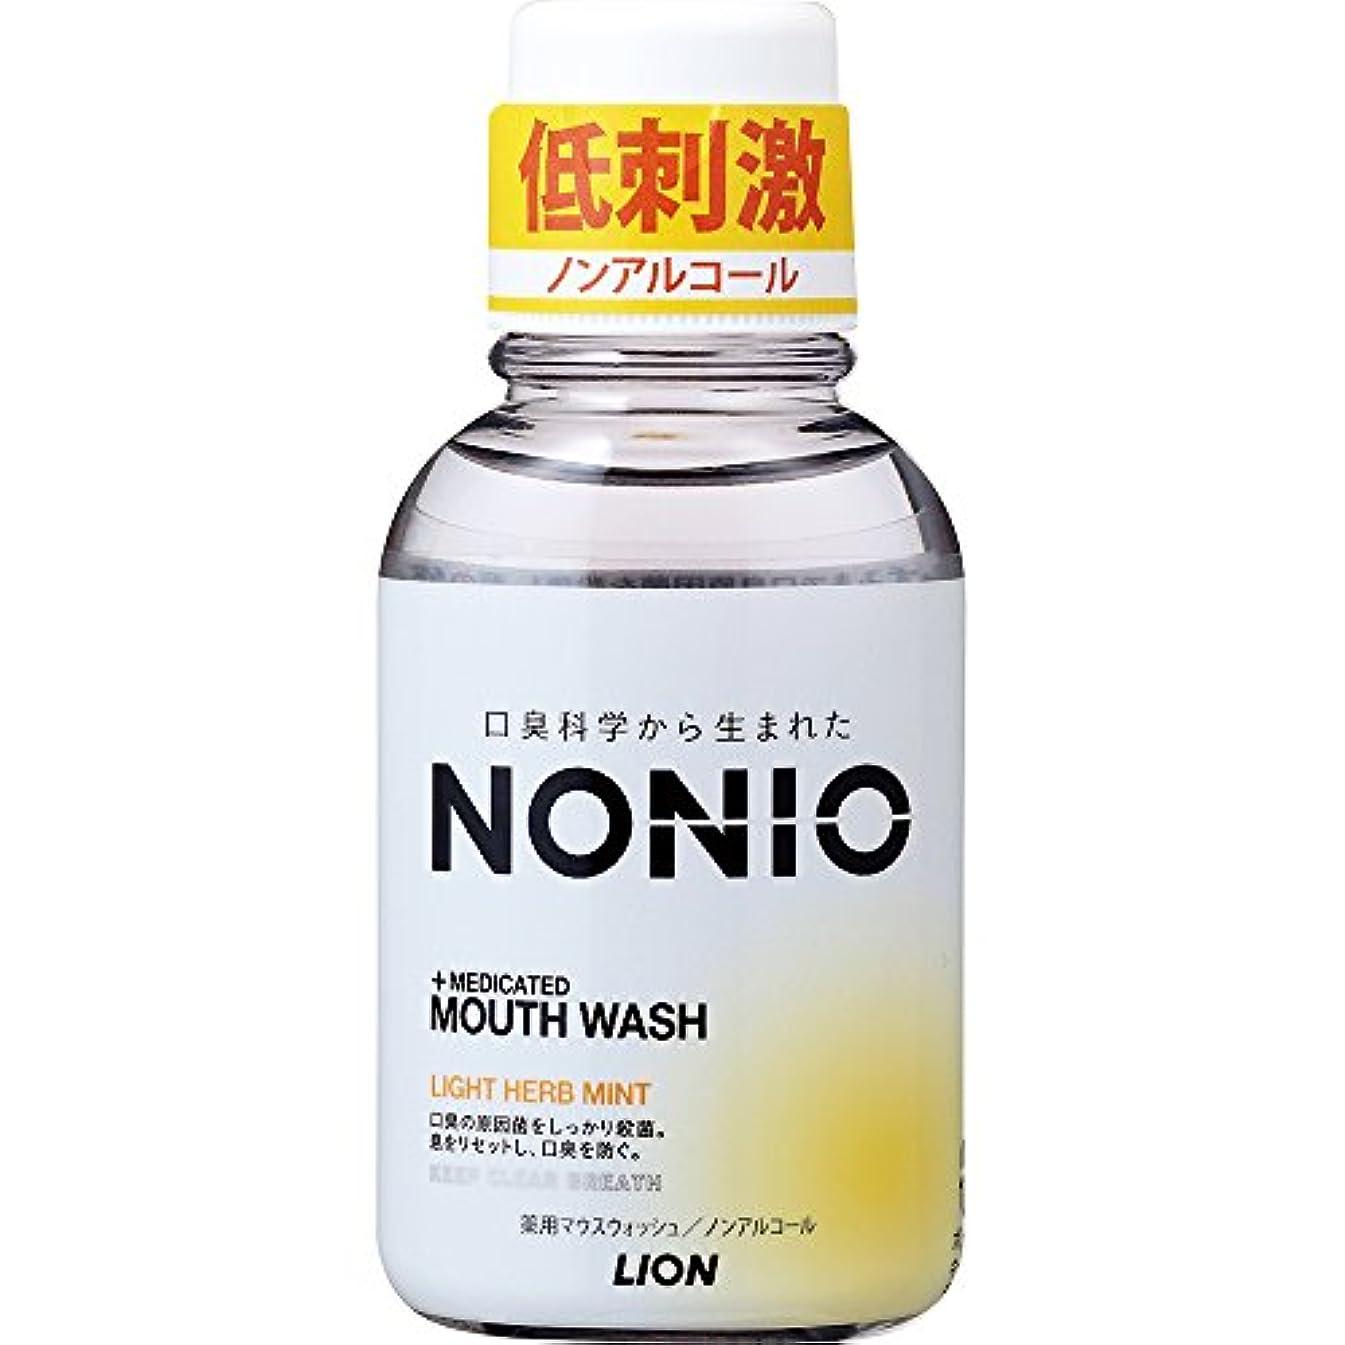 上向きパリティドラッグNONIO マウスウォッシュ ノンアルコール ライトハーブミント 80ml 洗口液 (医薬部外品)